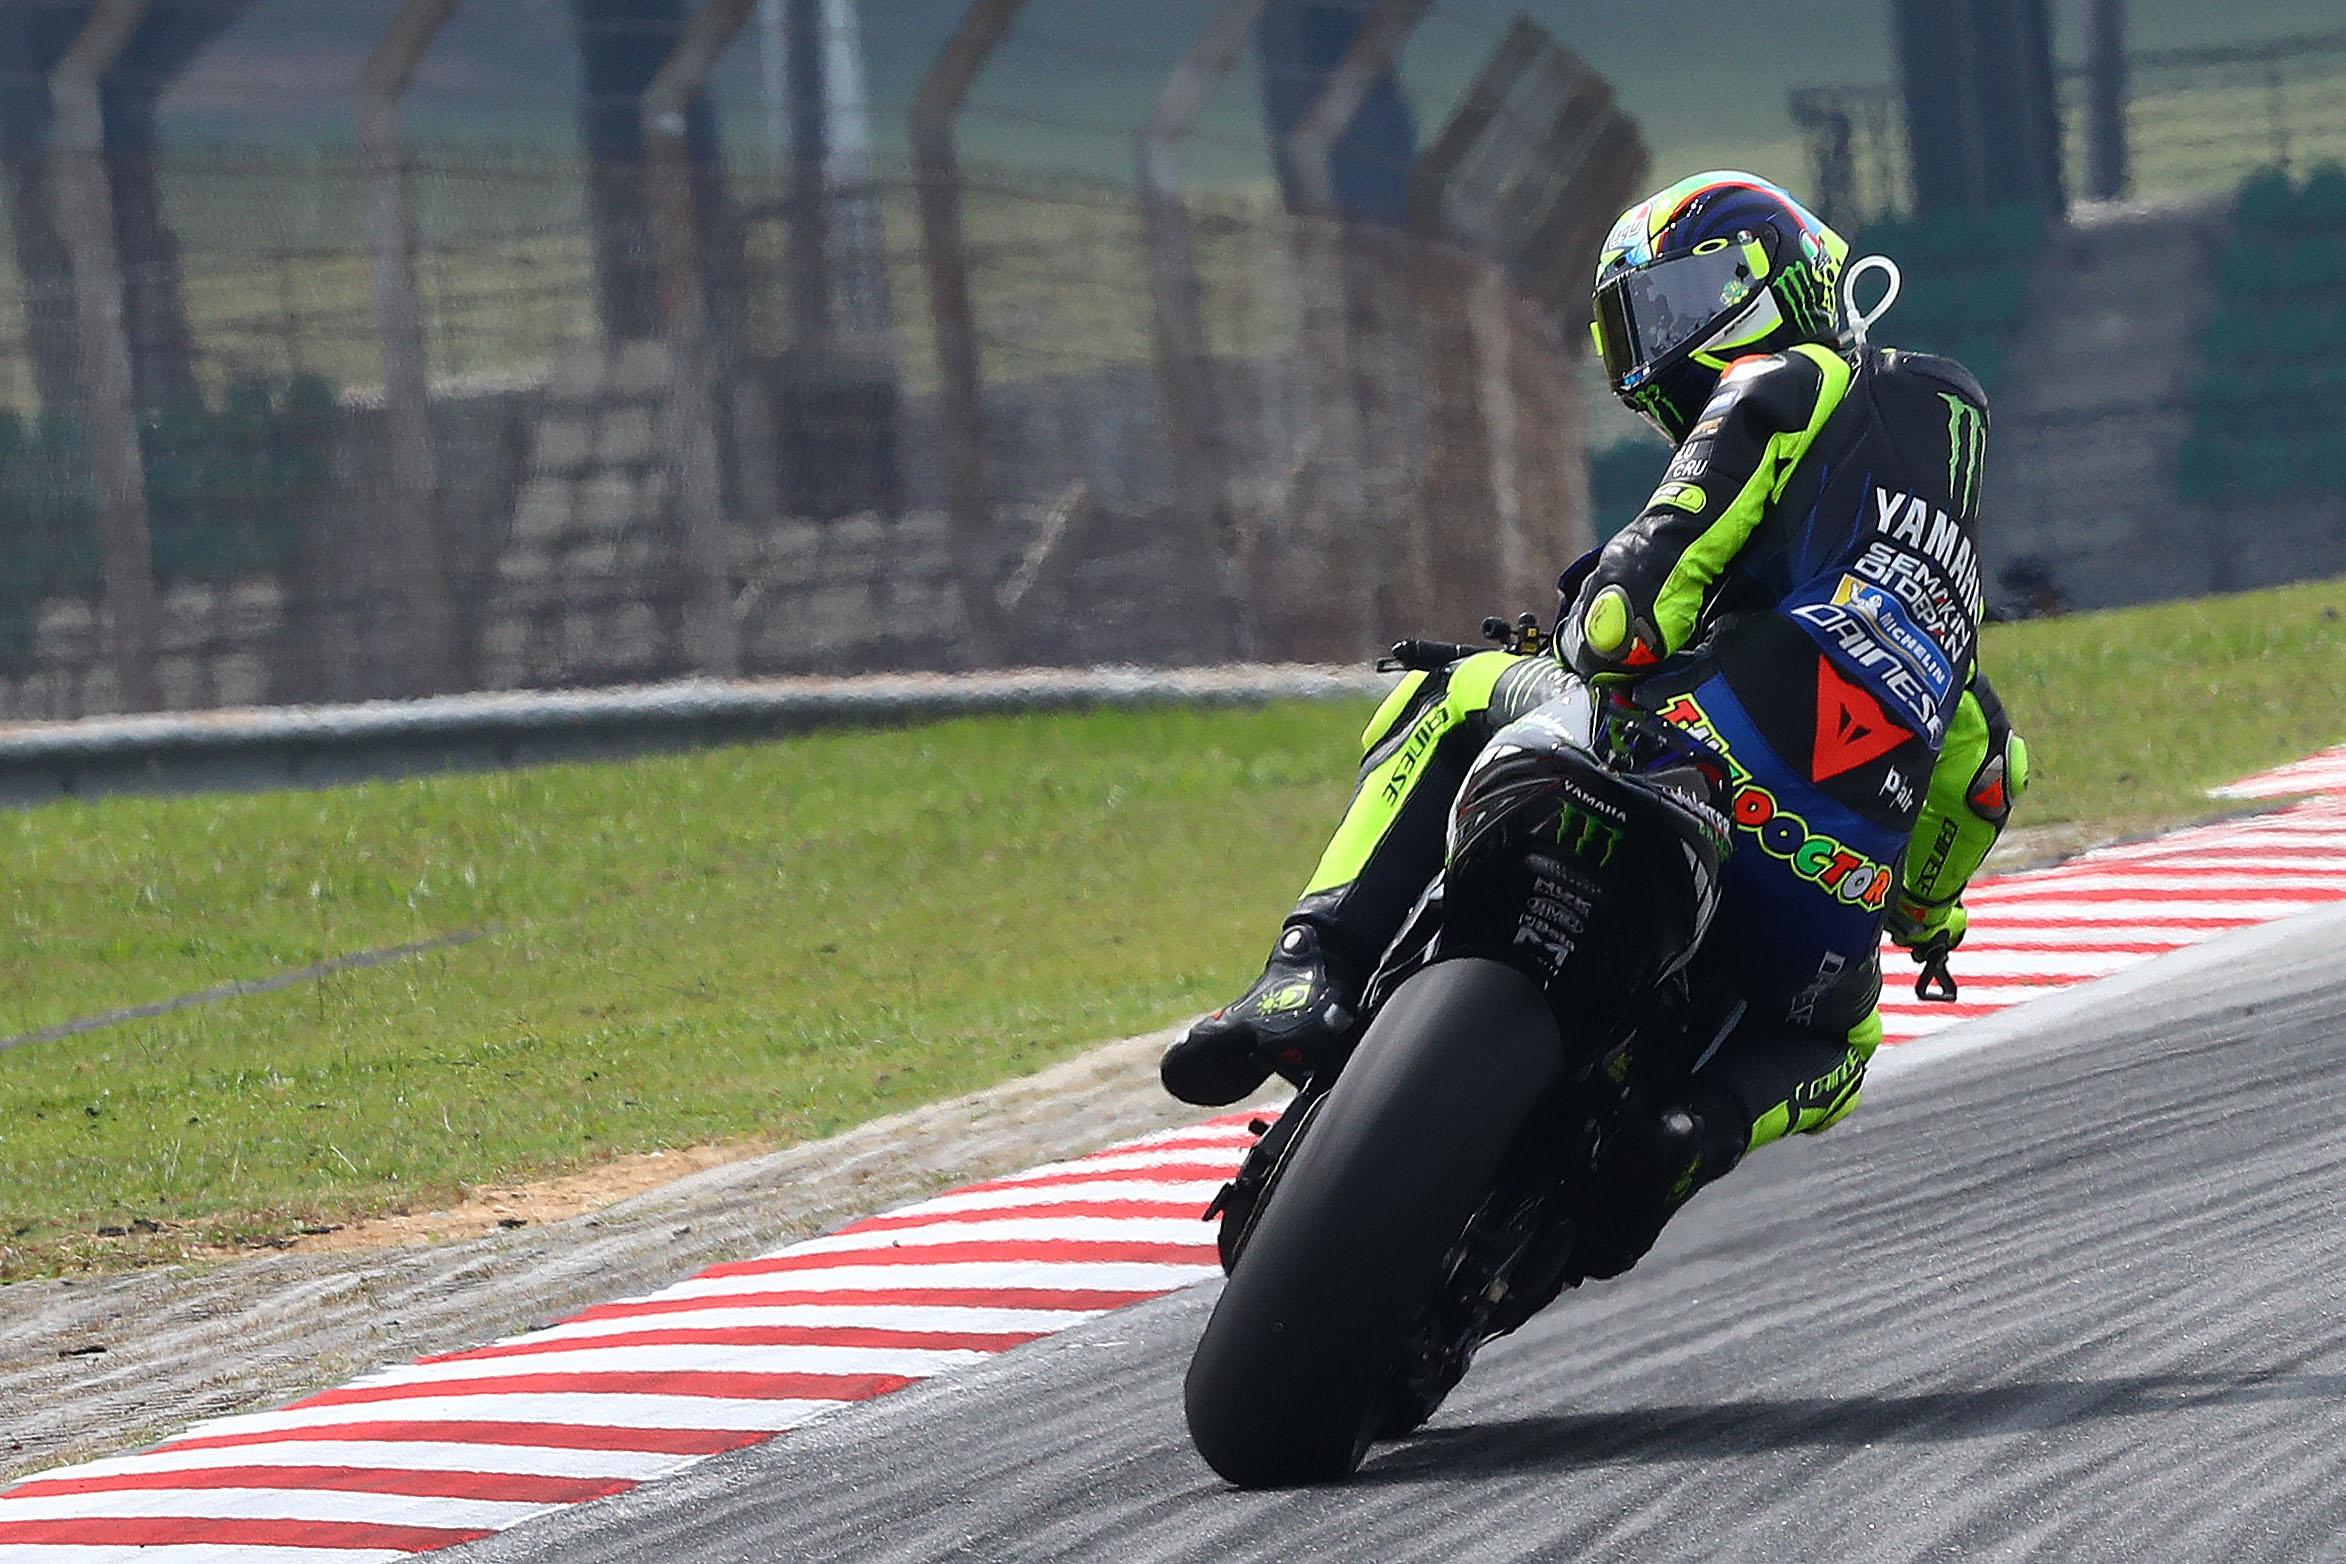 Valentino Rossi Yamaha Sepang MotoGP testing 2020